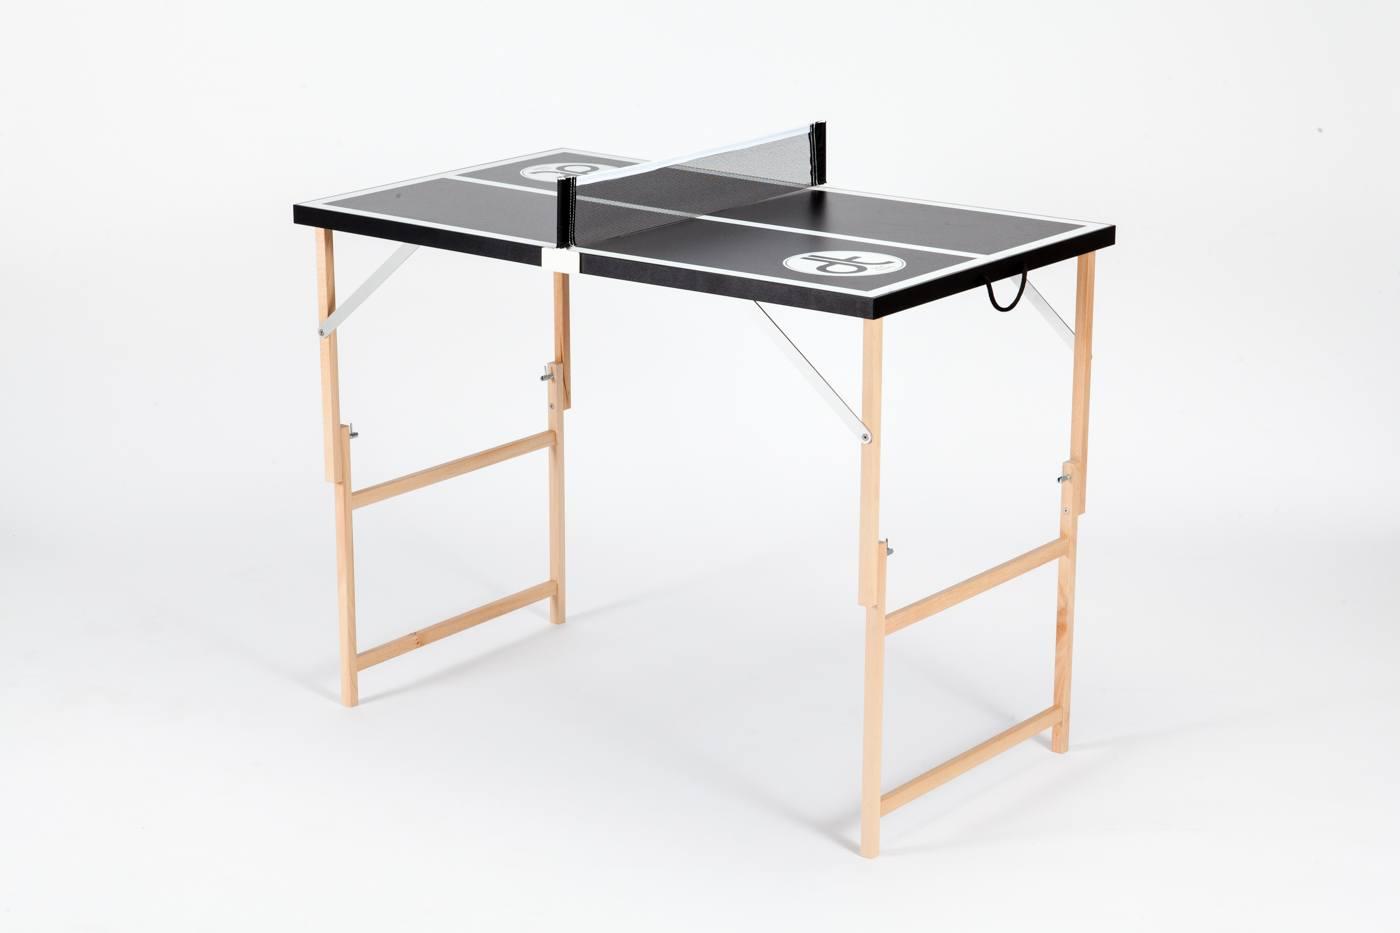 """Schwarze Mini Tischtennisplatte """"Black Beauty"""" ausgeklappt und bereit zum spielen."""